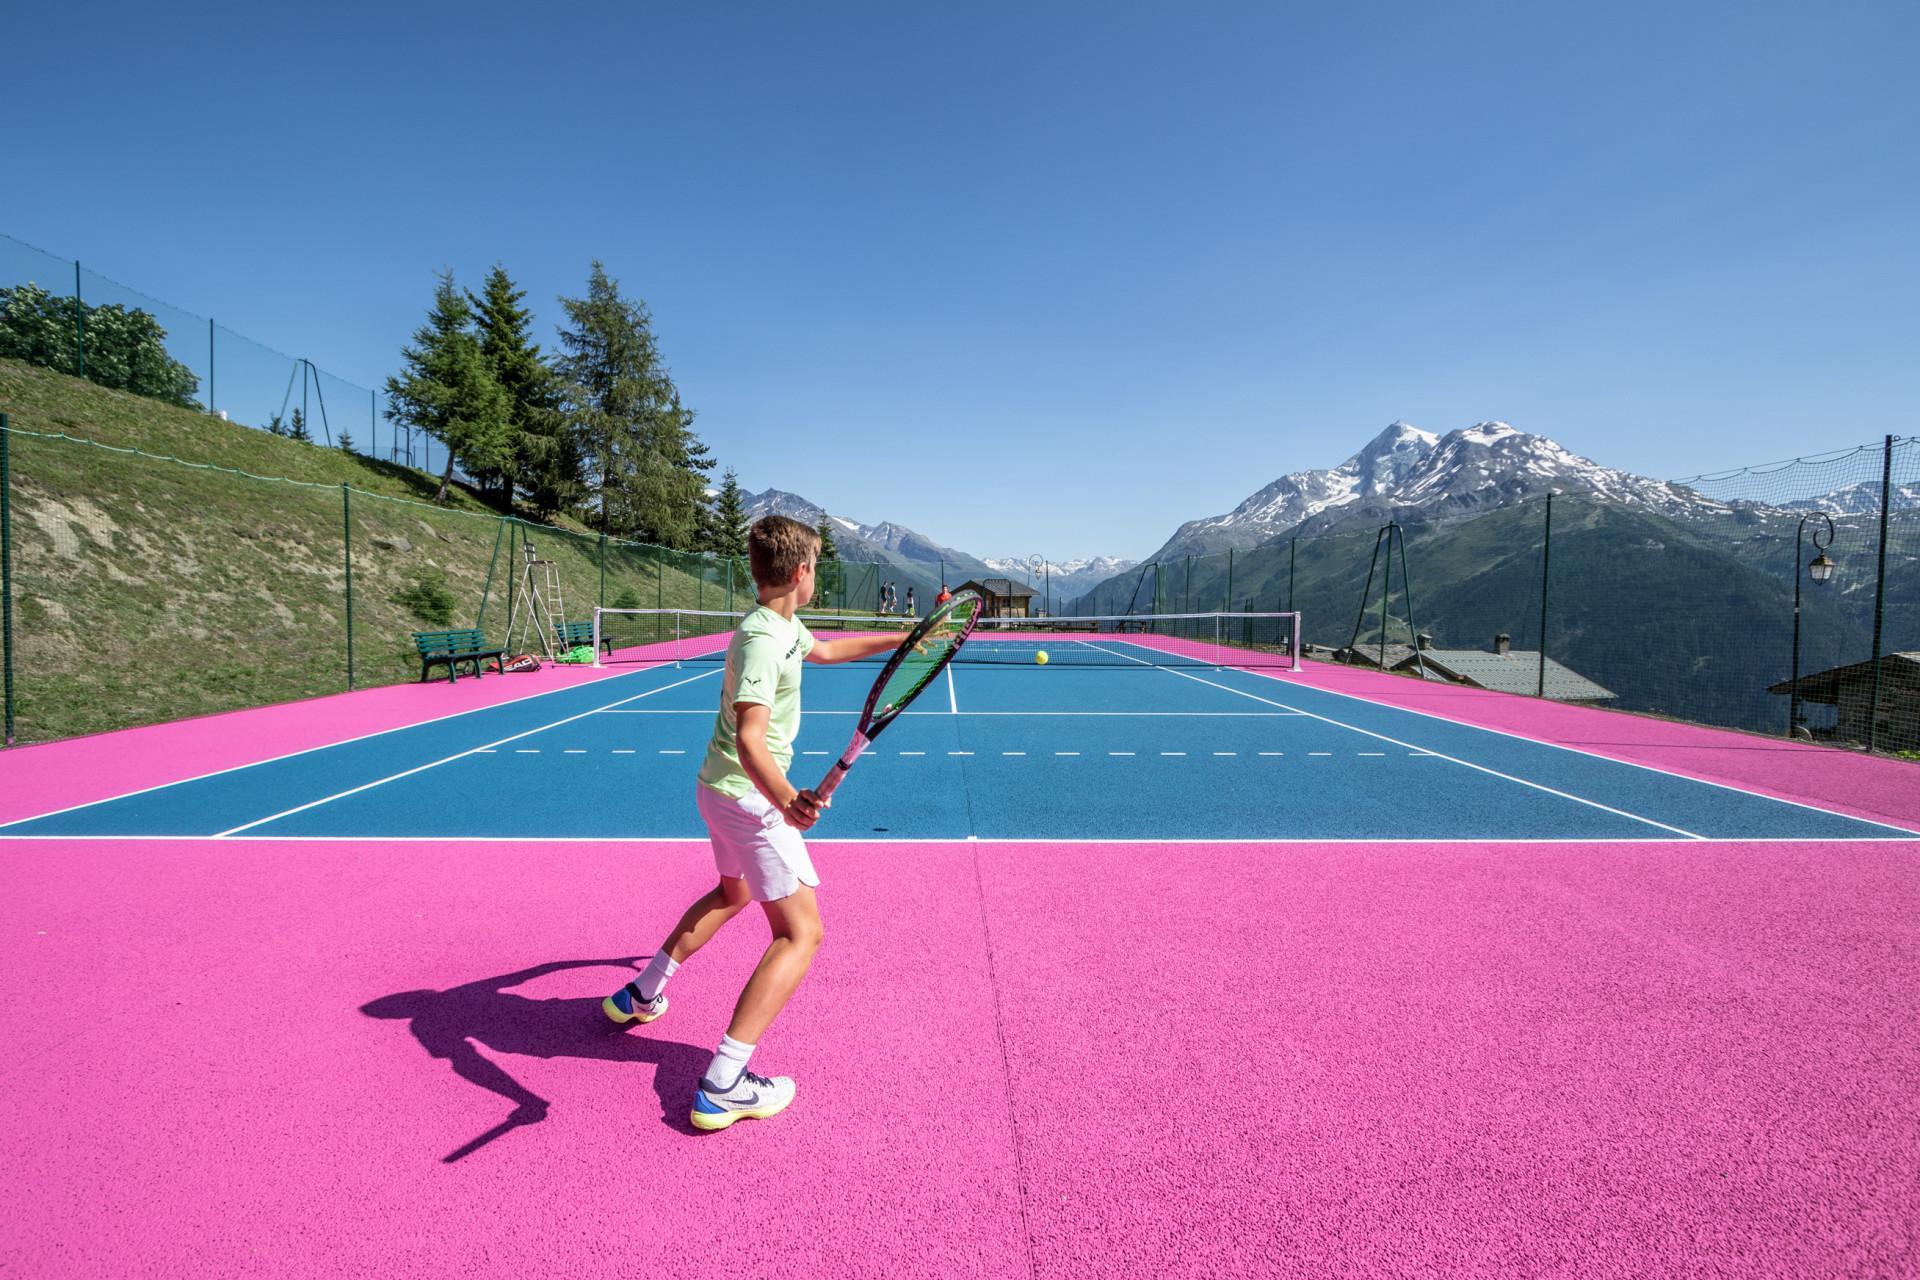 tennis-12-raj-bundhoo-891